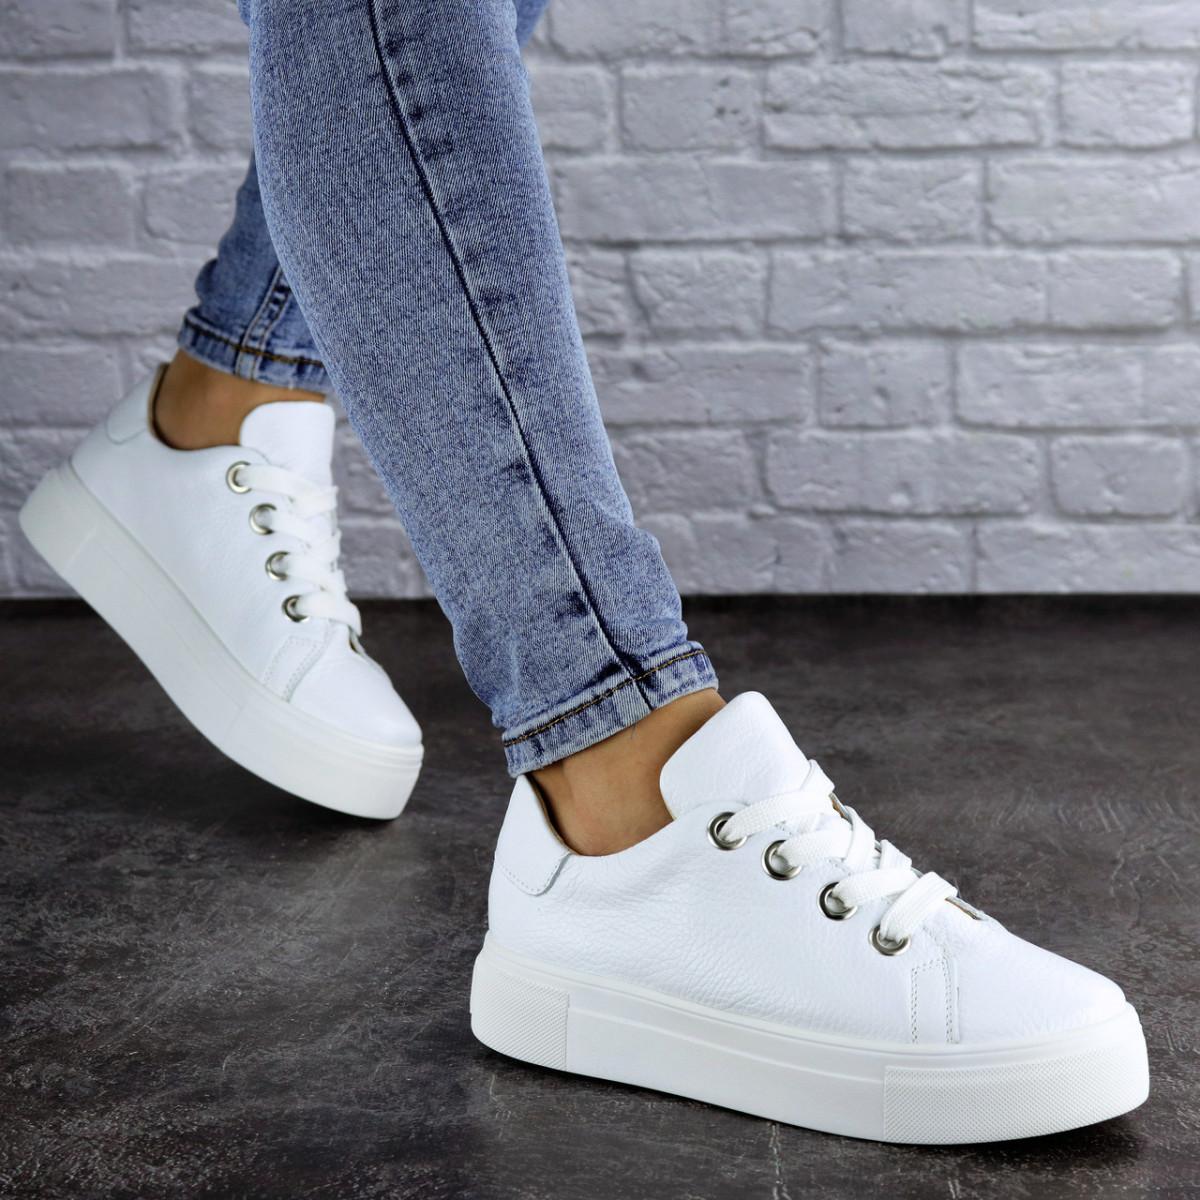 Кроссовки женские белые Kona 2100 (36 размер)